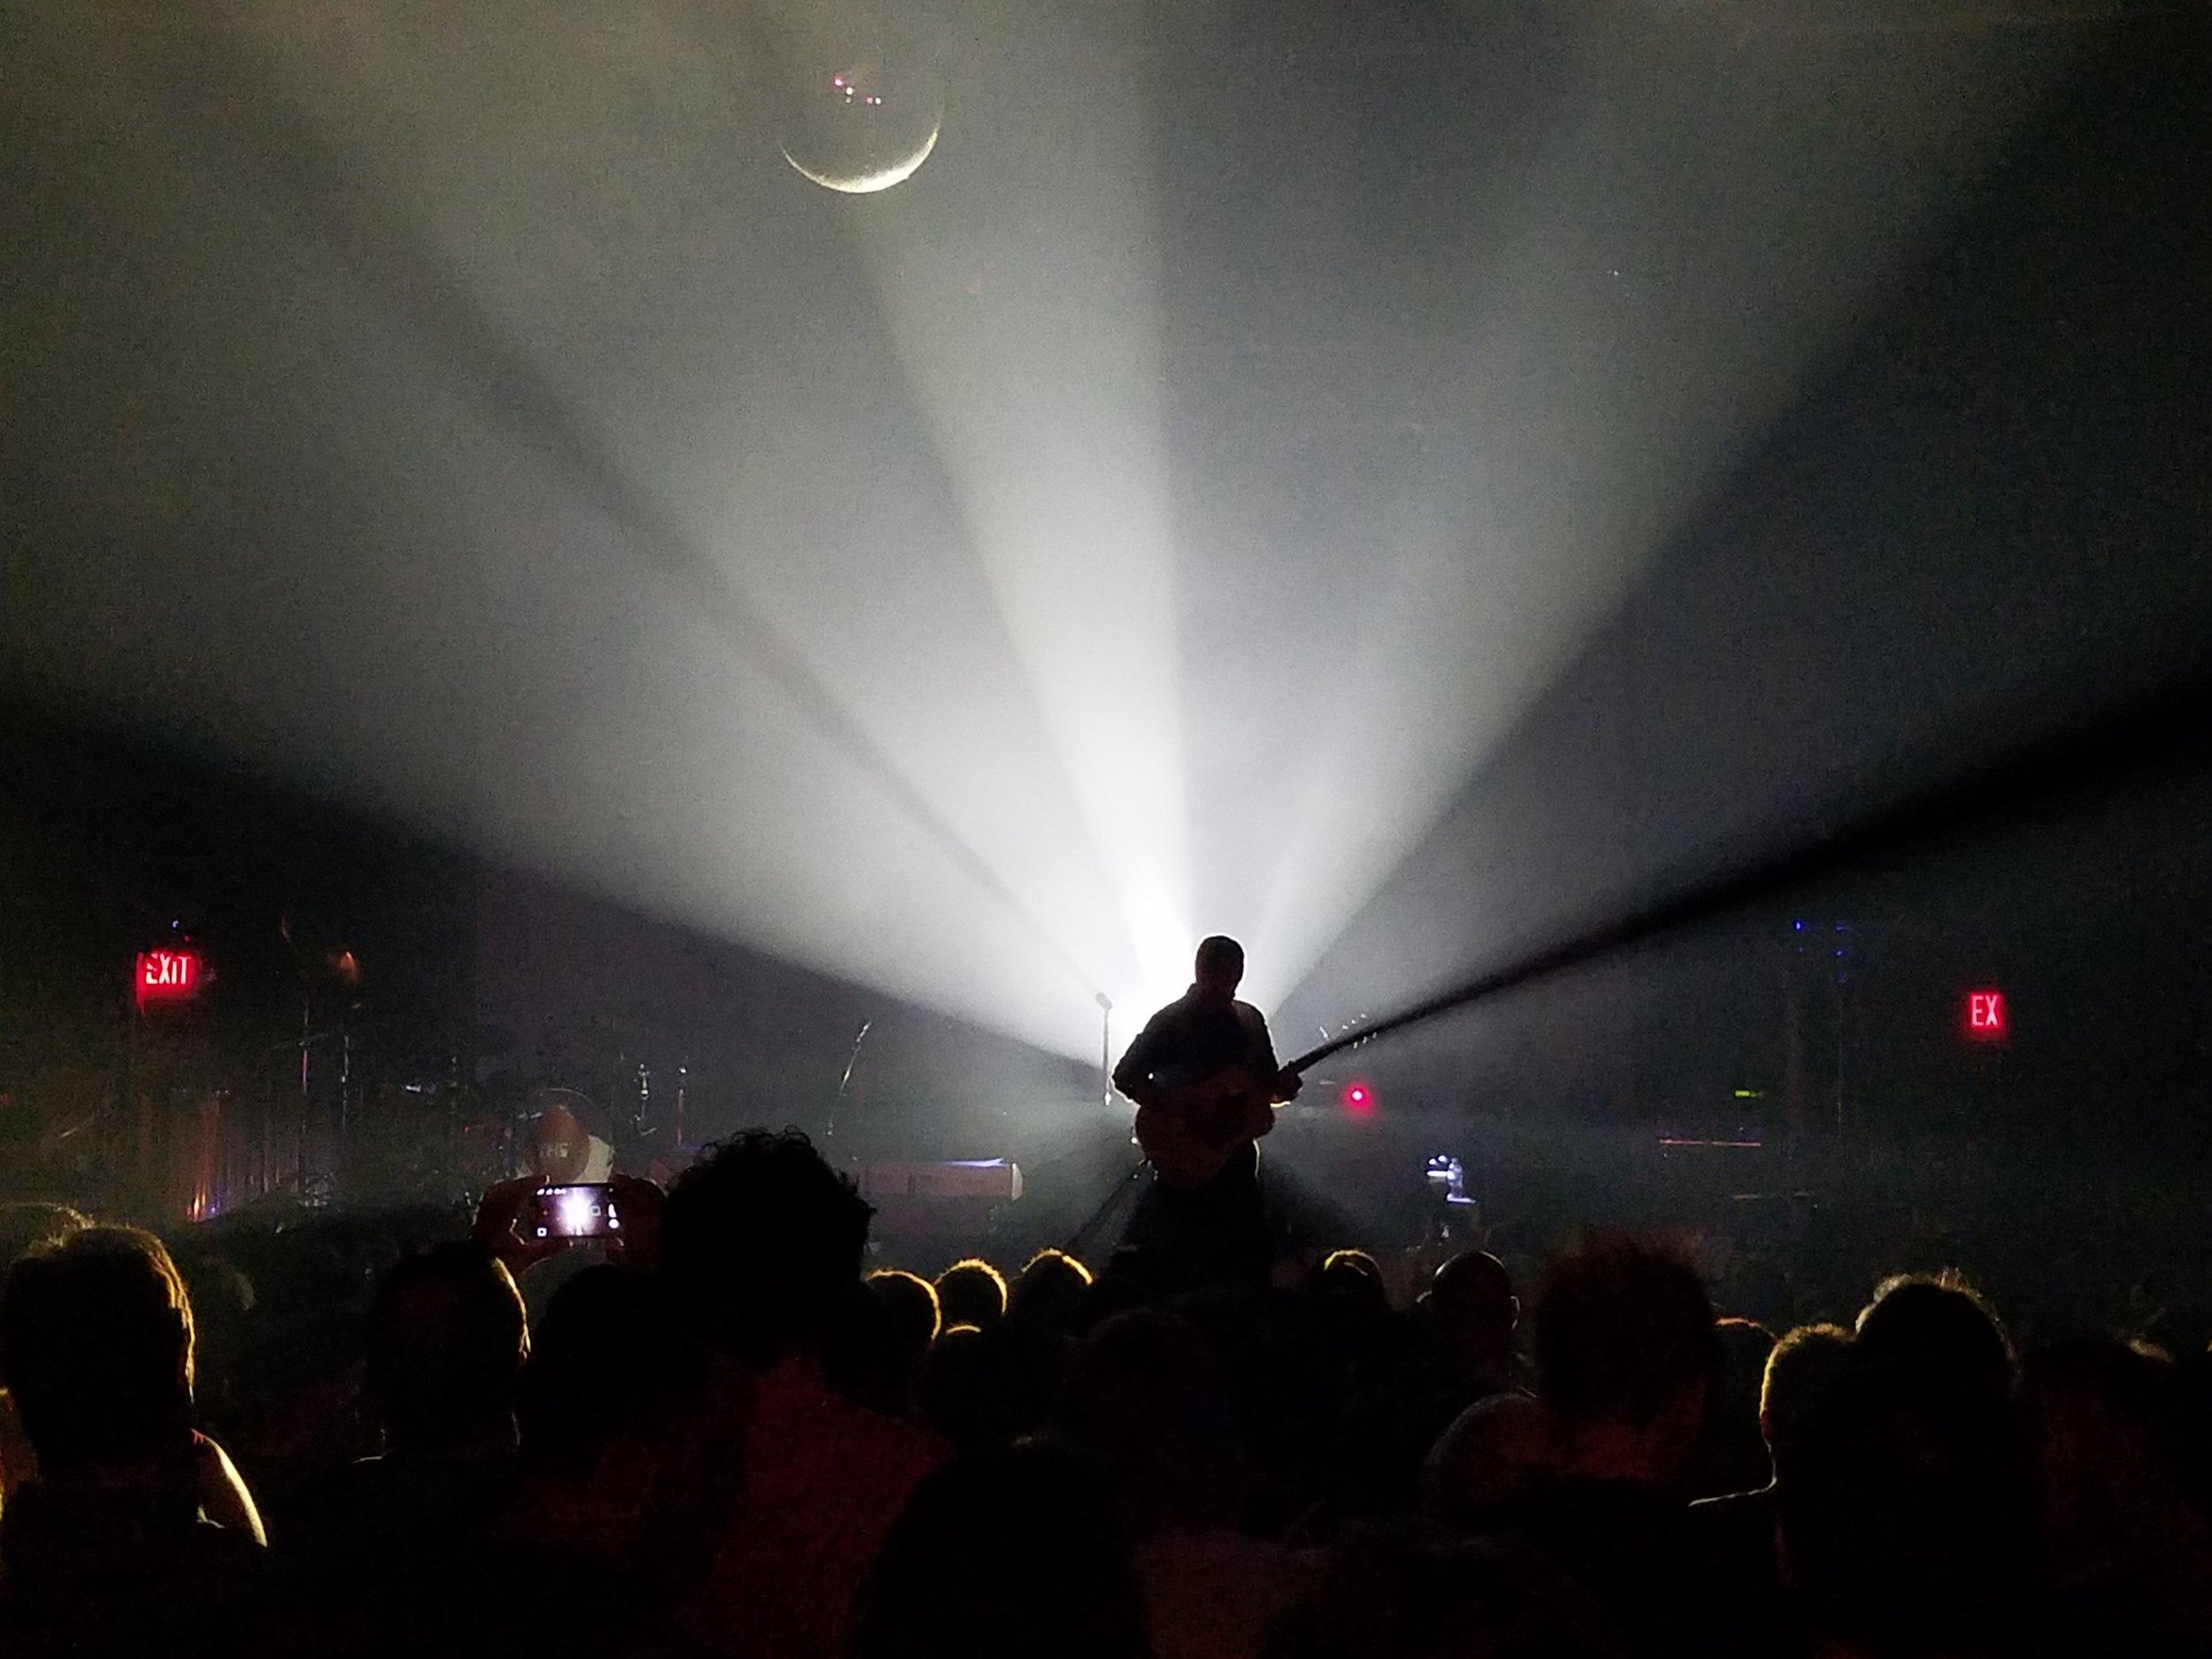 DM in light.jpg